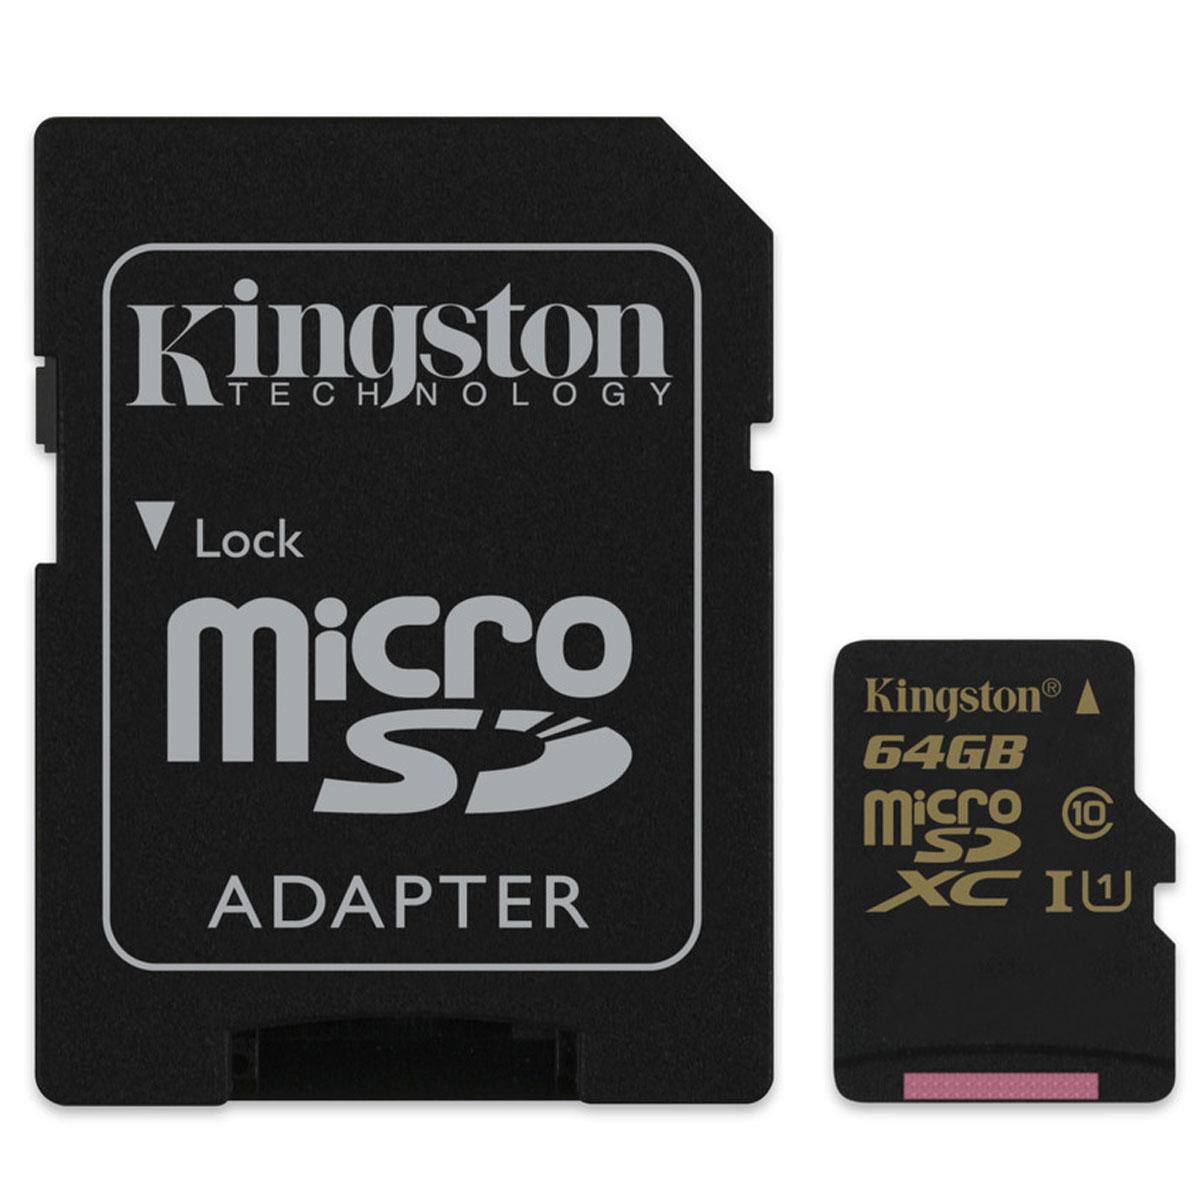 Kingston microSDXC Class 10 UHS-I 64GB карта памяти (SDCA10/64GB)SDCA10/64GBКарты SDCA10 Class 10 UHS-I позволяют хранить большие объемы музыки, видео, изображений, игр в современных мобильныхустройствах. Флэш-карты SDCA10 считывает до 9 раз быстрее и записывает до 4,5 раза быстрее, чем стандартные карты памяти microSDHC/SDXC Class 10. Технология UHS-I U1 позволяет снимать видео в формате Full HD, трехмерное видео и прямые трансляции без задержек, а также выполнять серийную съемку с помощью телефона. Более высокие минимальные скорости записи обеспечивают высокое качество видео без рывков и быструю передачу данных. Карты памяти SDCA10 водонепроницаемы, ударостойки и виброустойчивы, имеют защиту от рентгеновского излучения и от экстремальных температур. Фотографы могут положиться на надежность этих карт памяти при съемке в движении, а также при работе в жестких условиях. Пользователи смартфонов, планшетов и фотоаппаратов могут по достоинству оценить преимущества повышенной скорости передачи и высокую производительность, обеспечиваемую картой памяти SDCA10 Class 10 UHS-I.Внимание: перед оформлением заказа, убедитесь в поддержке Вашим электронным устройством карт памяти данного объема.